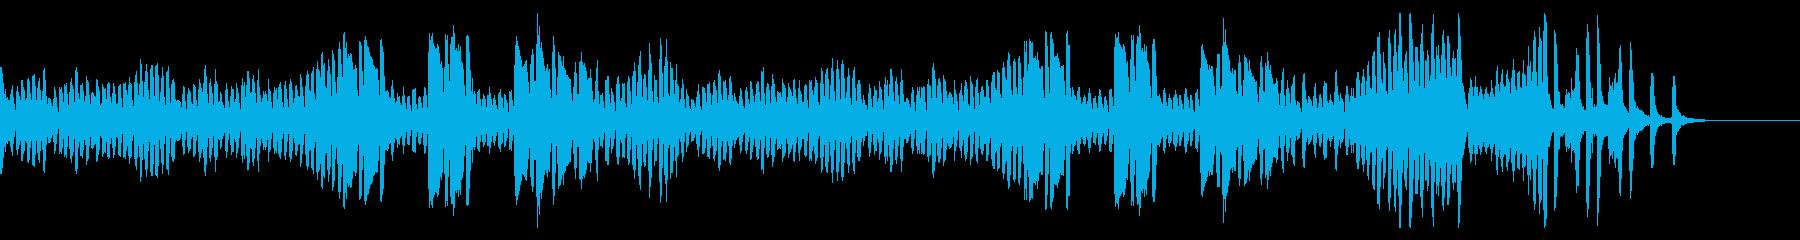 切迫した感じのピアノ曲の再生済みの波形